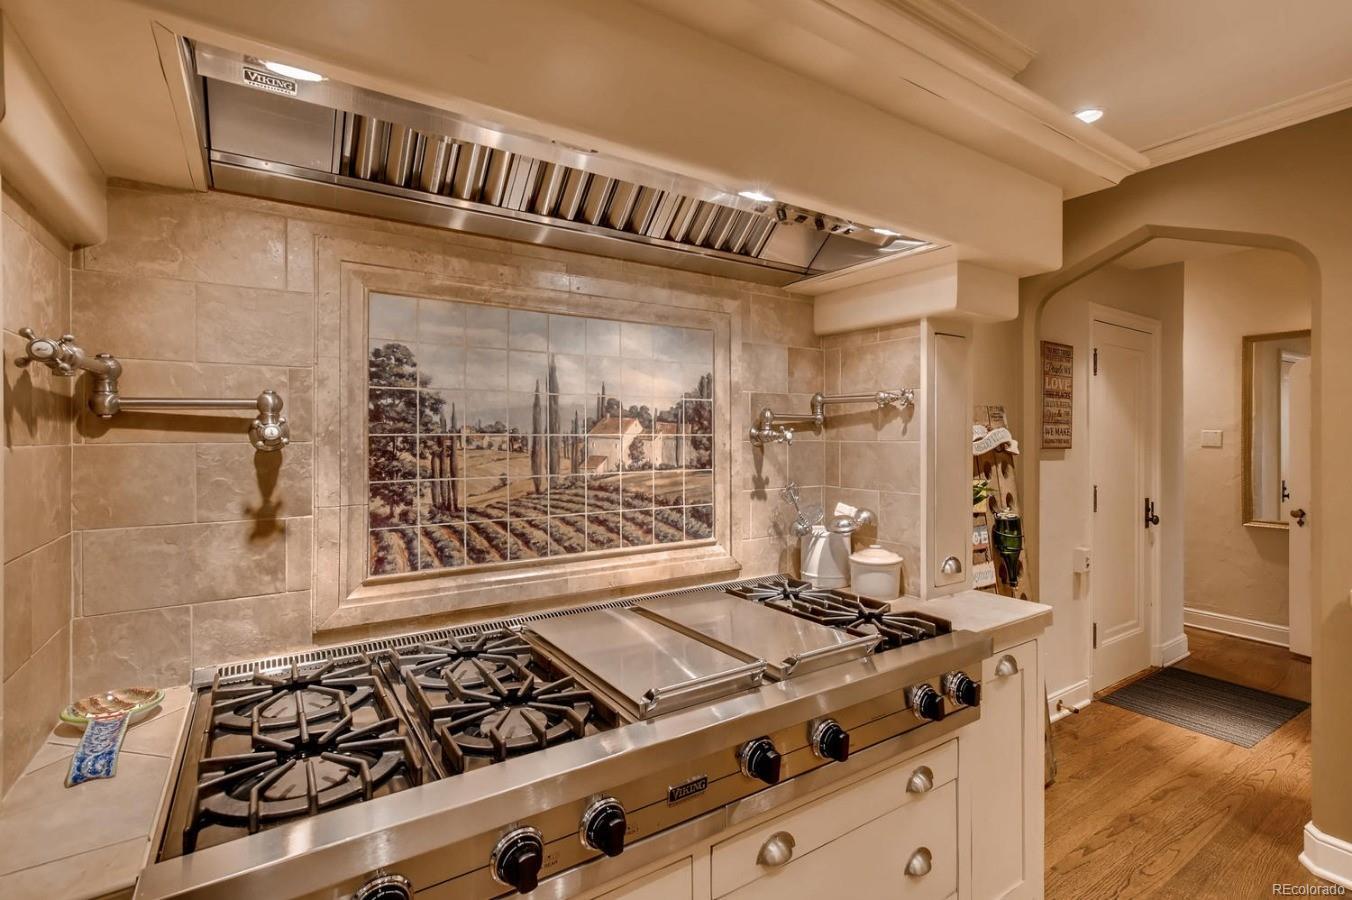 6 Burner Stove, Grill, Griddle & Warming oven